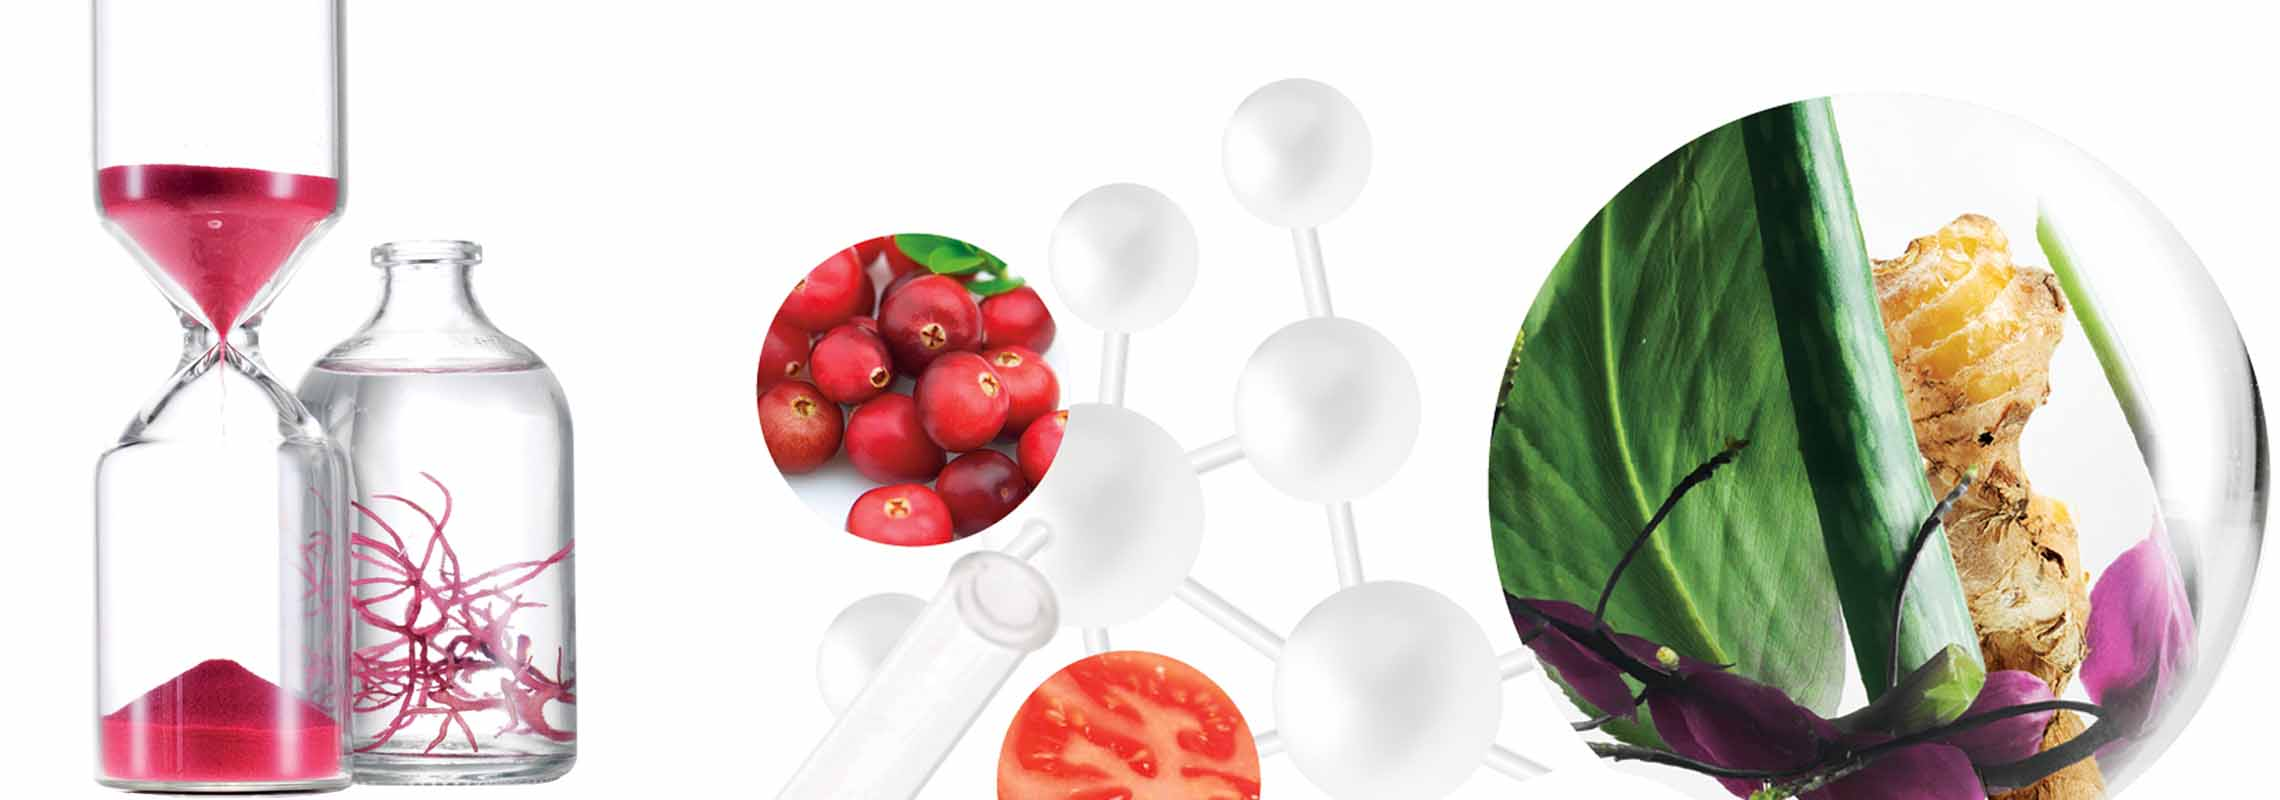 Ligne de produit - Nutrimetics France : Platinum - Soins haute performance